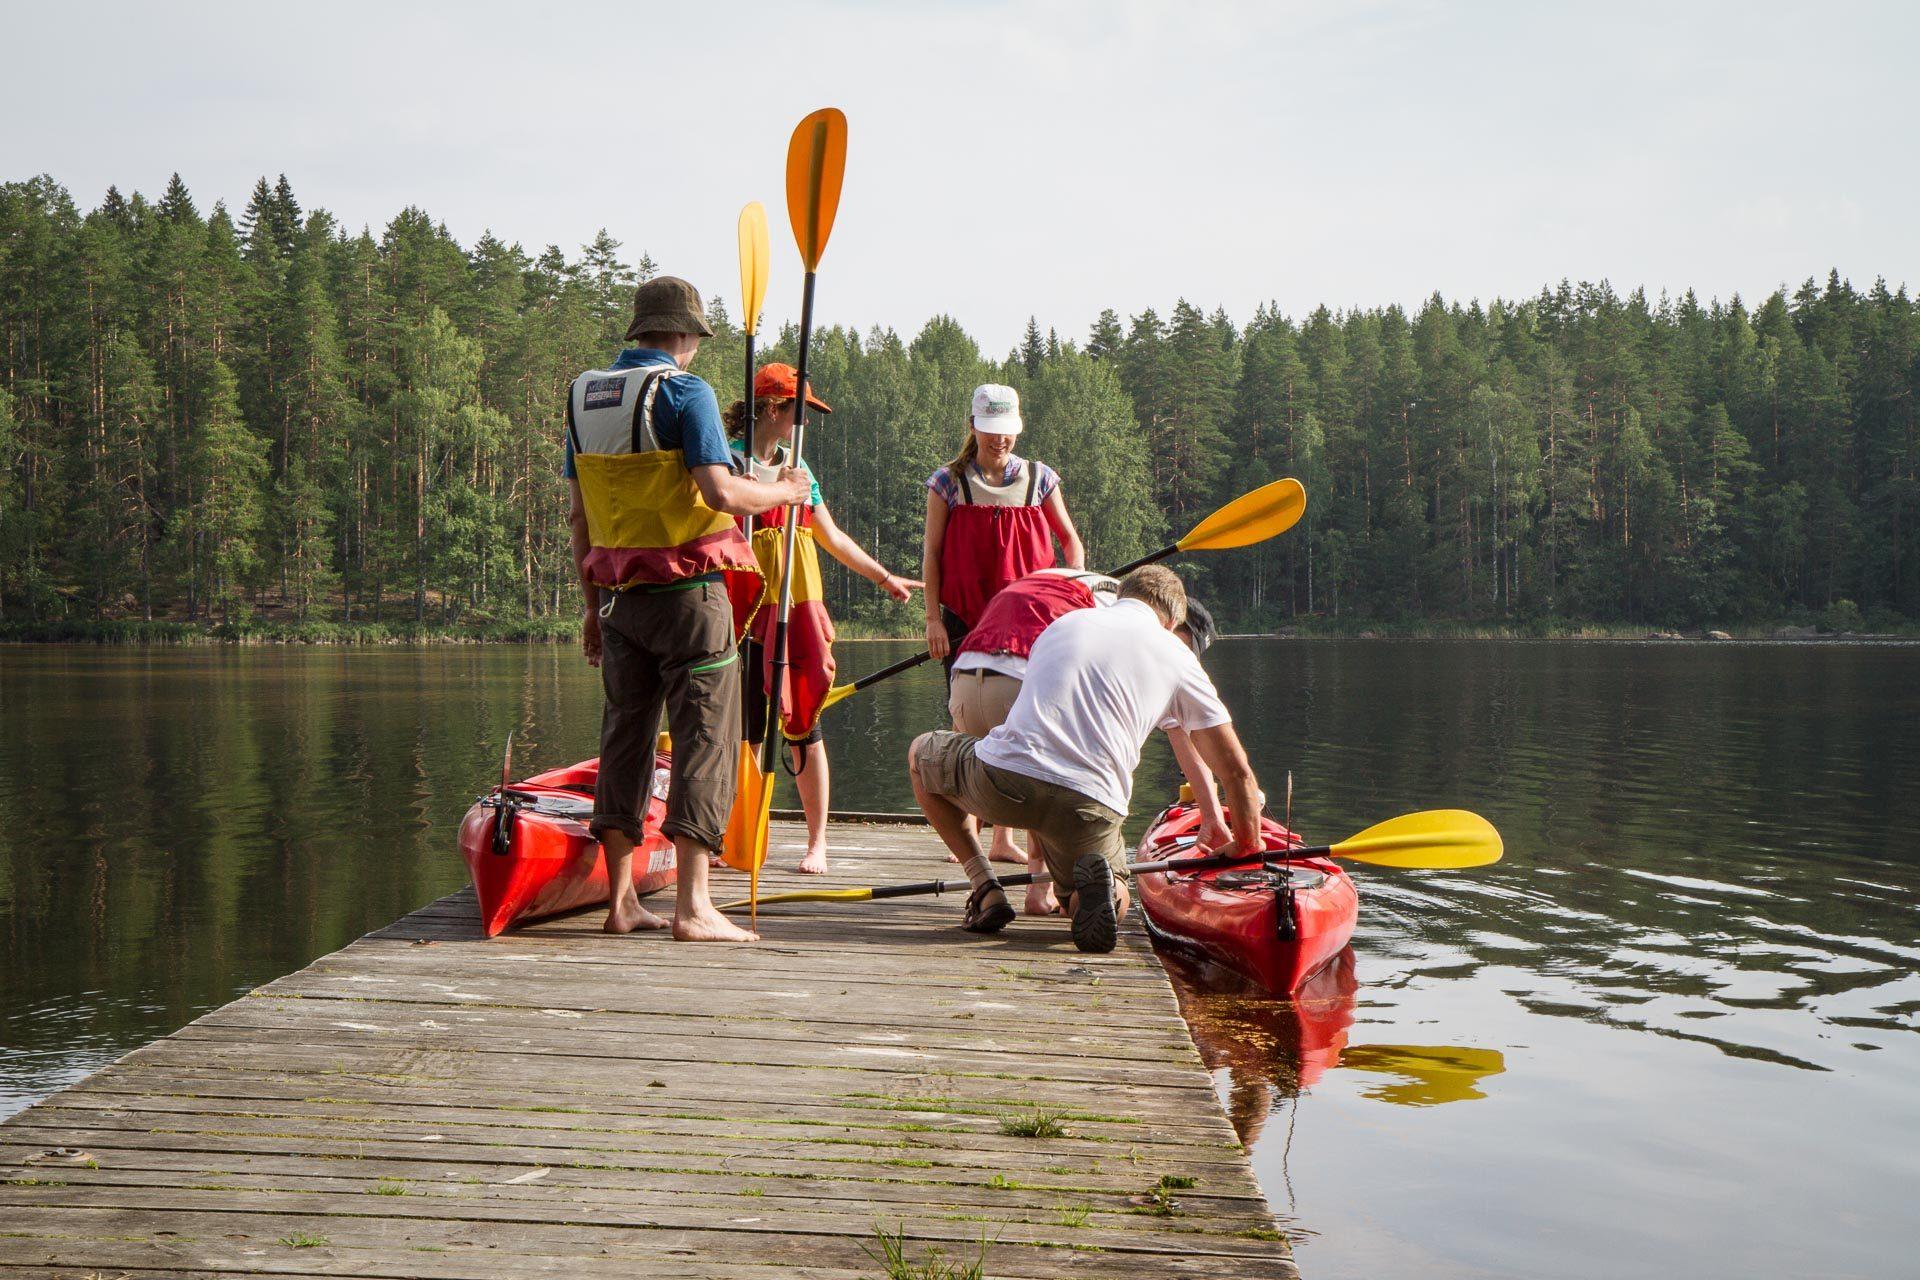 Kayaking intro (1h)